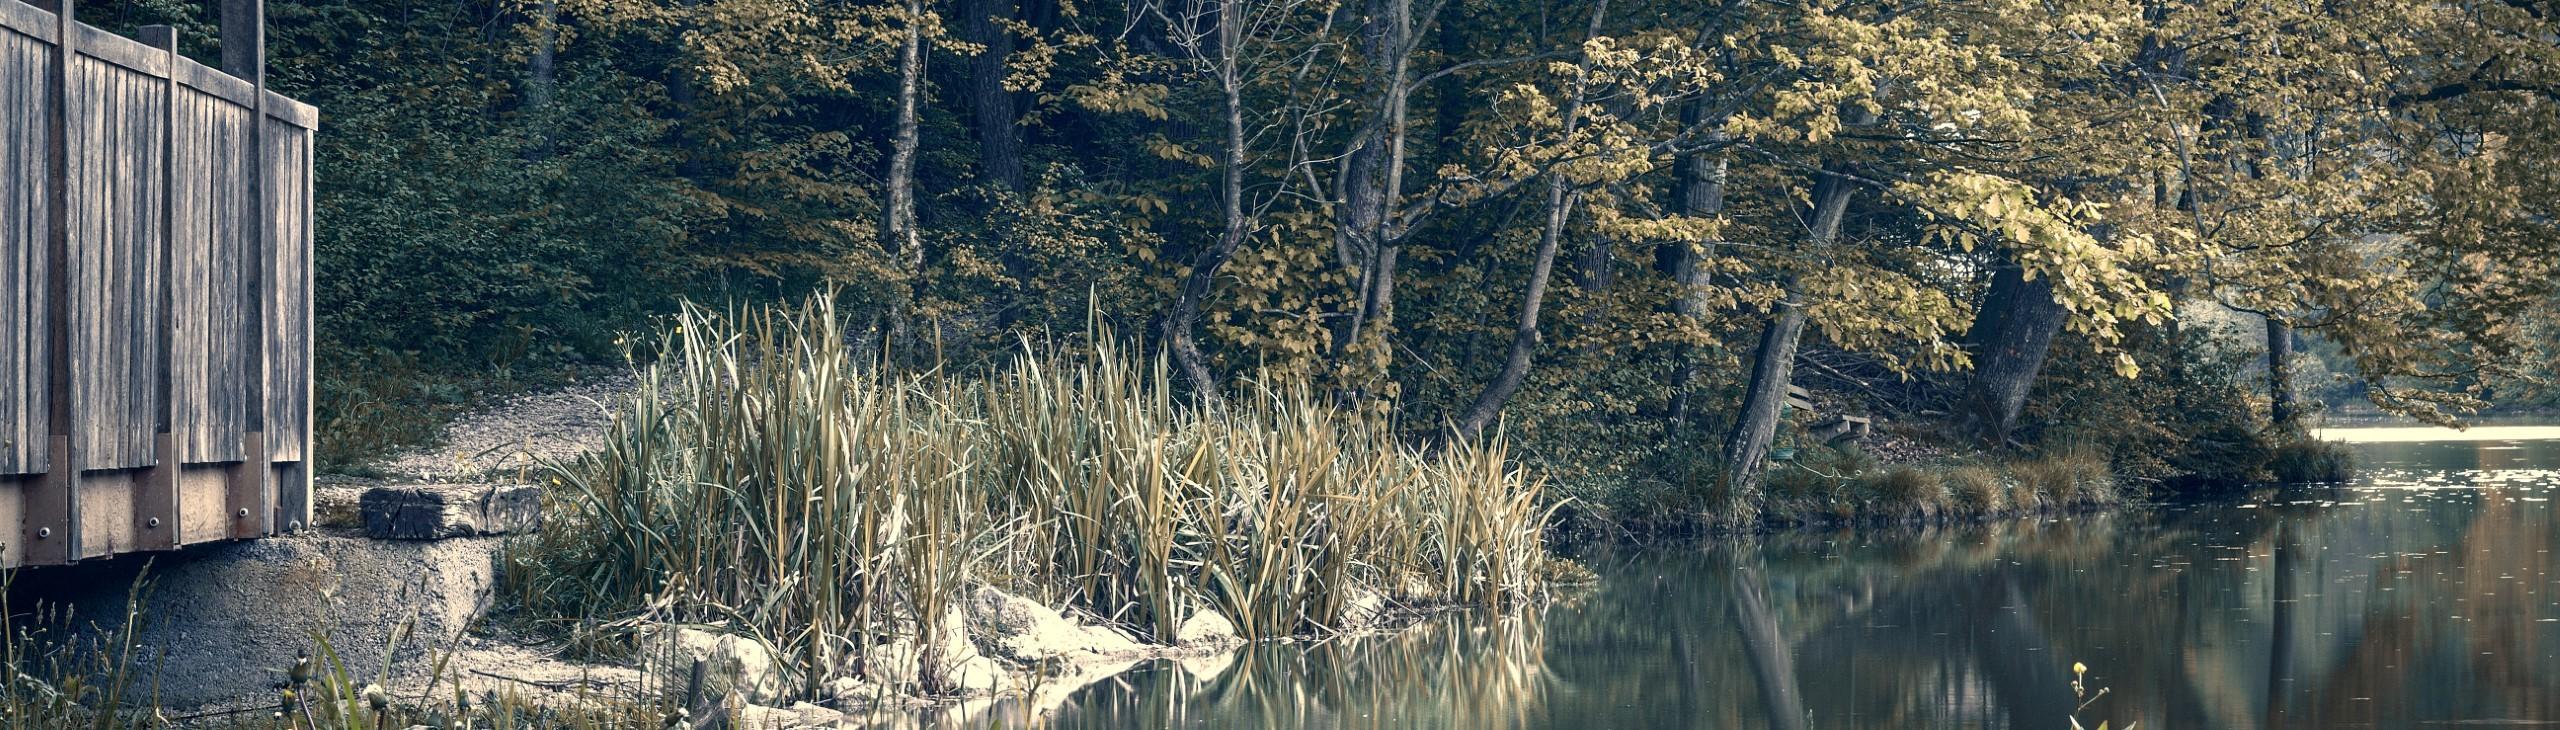 braslovsko jezero